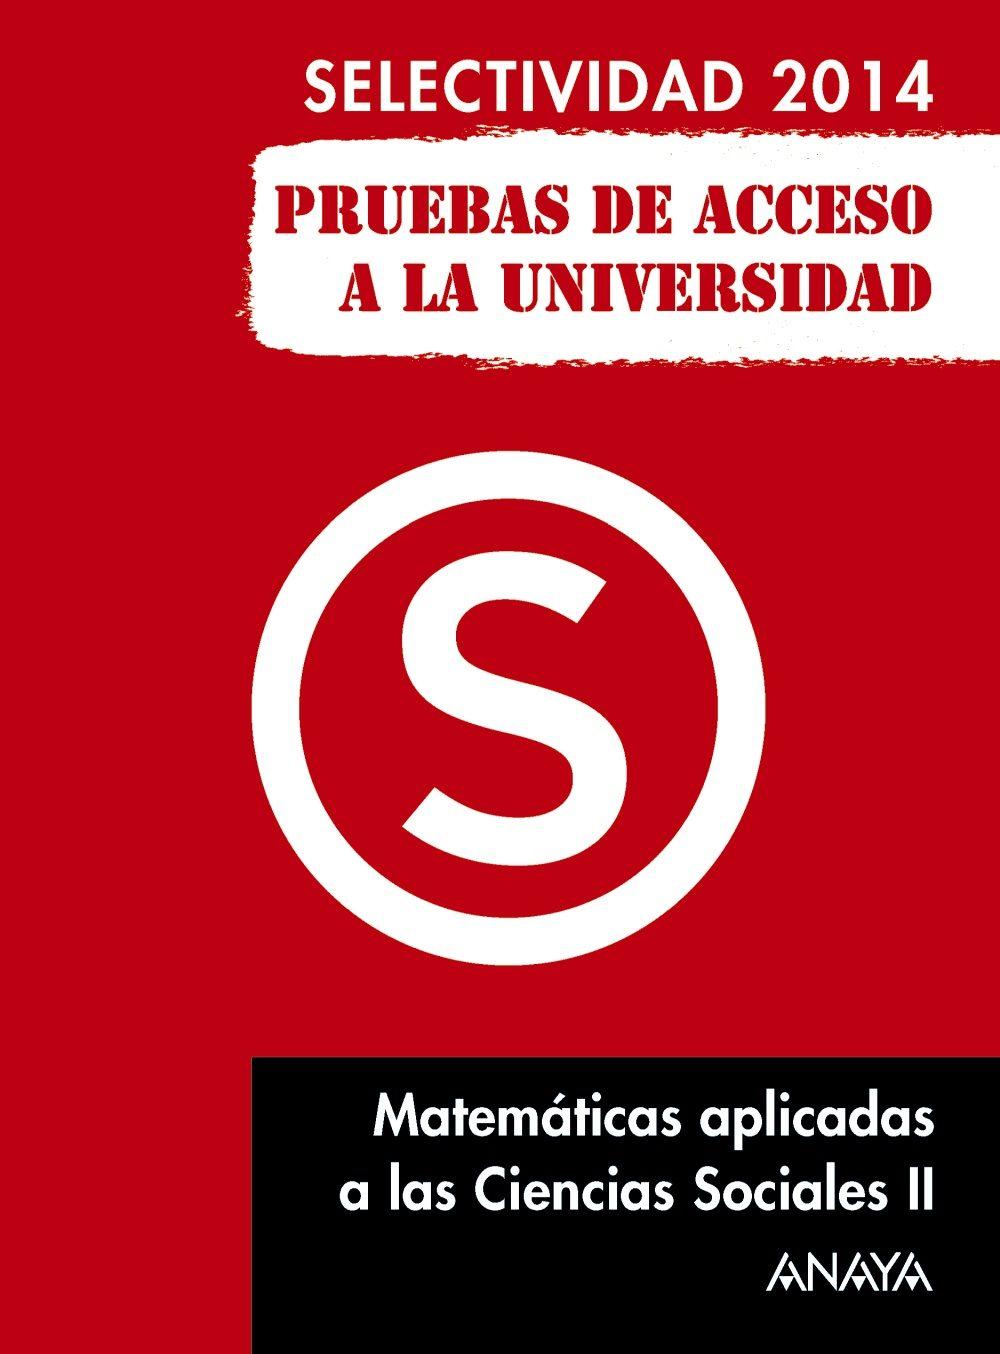 matematicas aplicadas a las ccss ii selectividad 2014-9788467883763